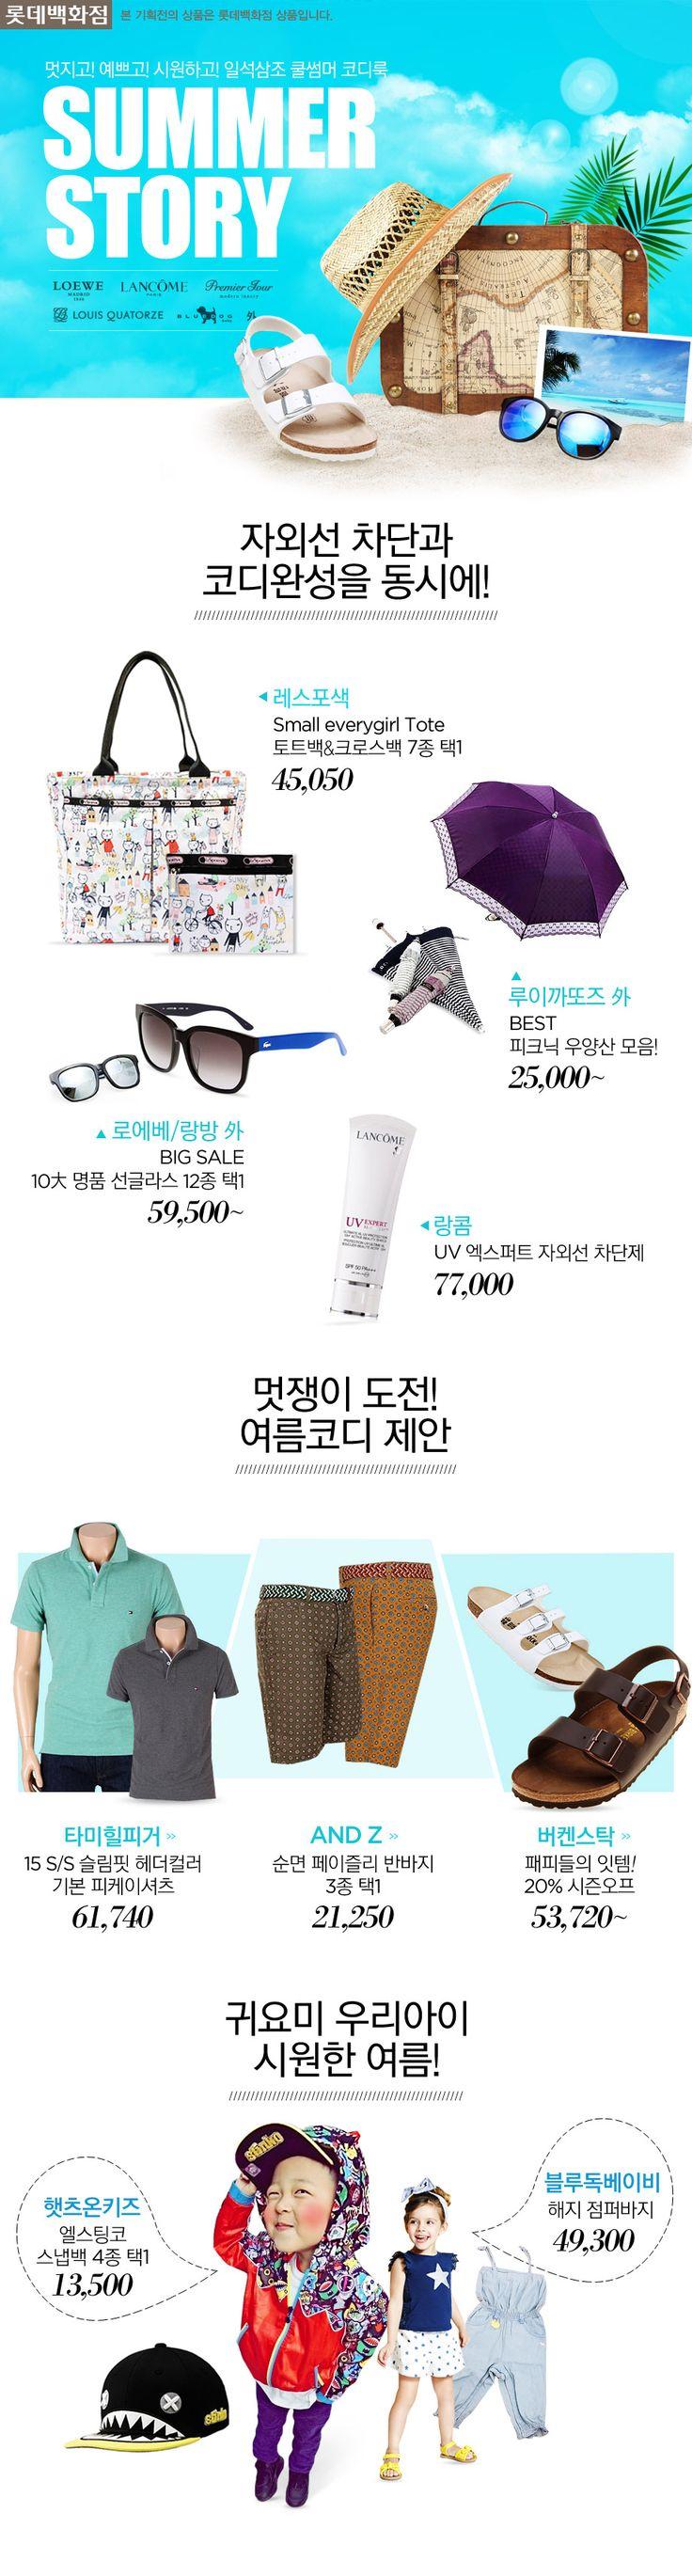 [롯데백화점] HOT SUMMER STORY 여름 바캉스 필수 아이템전! Designed by 박지원